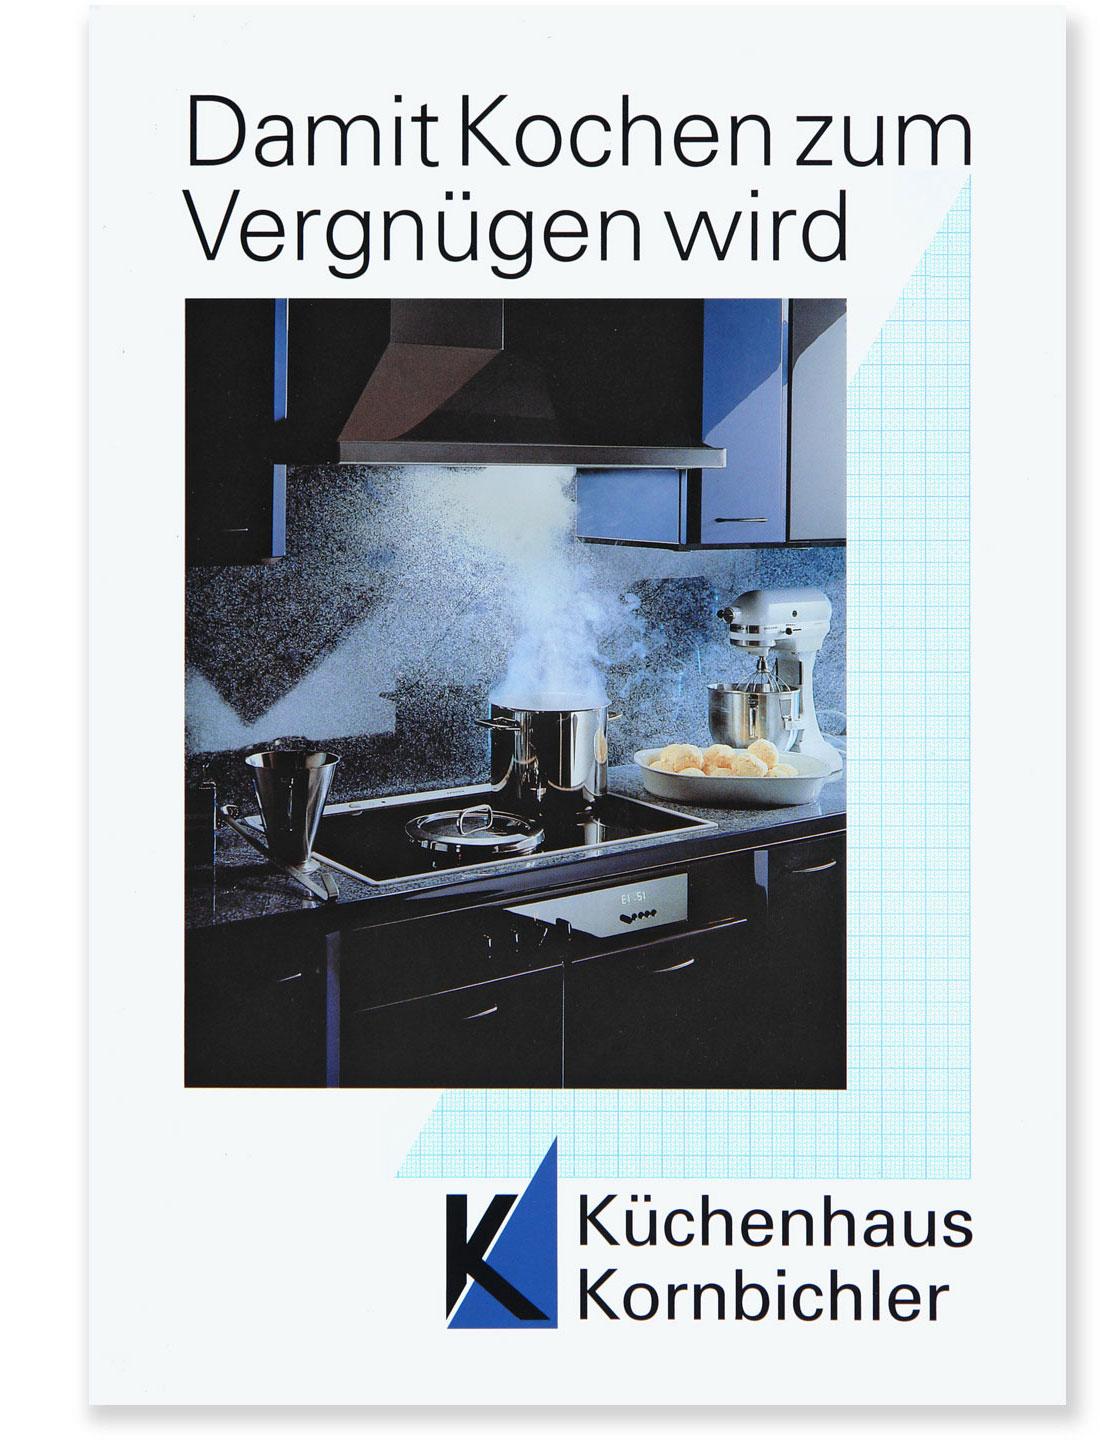 Erscheinungsbild Küchenhaus Kornbichler